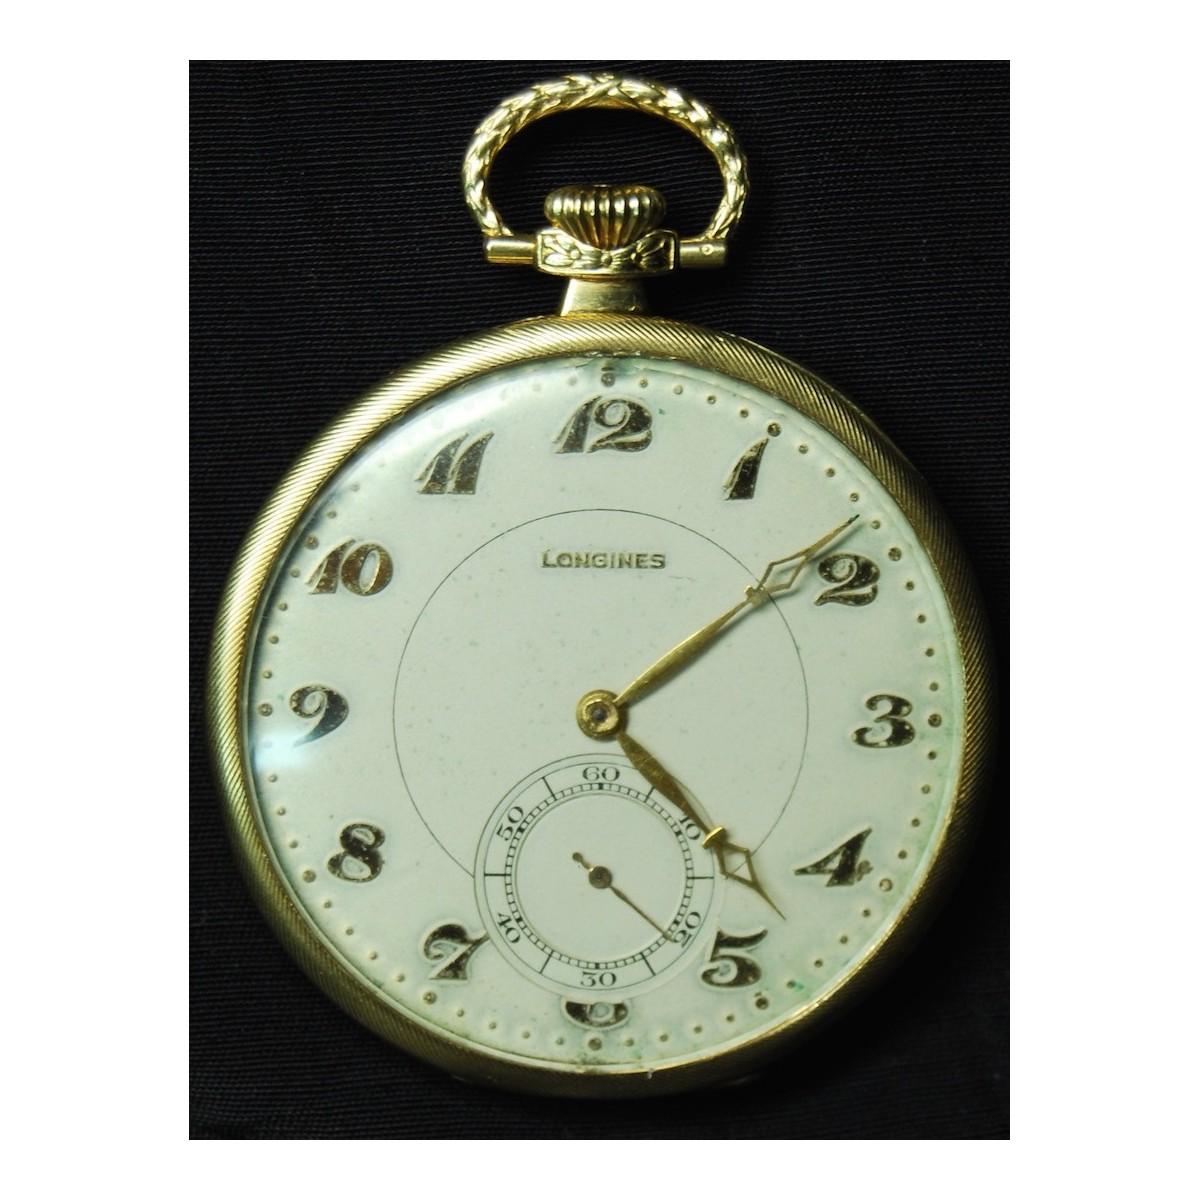 Longines, reloj de bolsillo de oro 18K